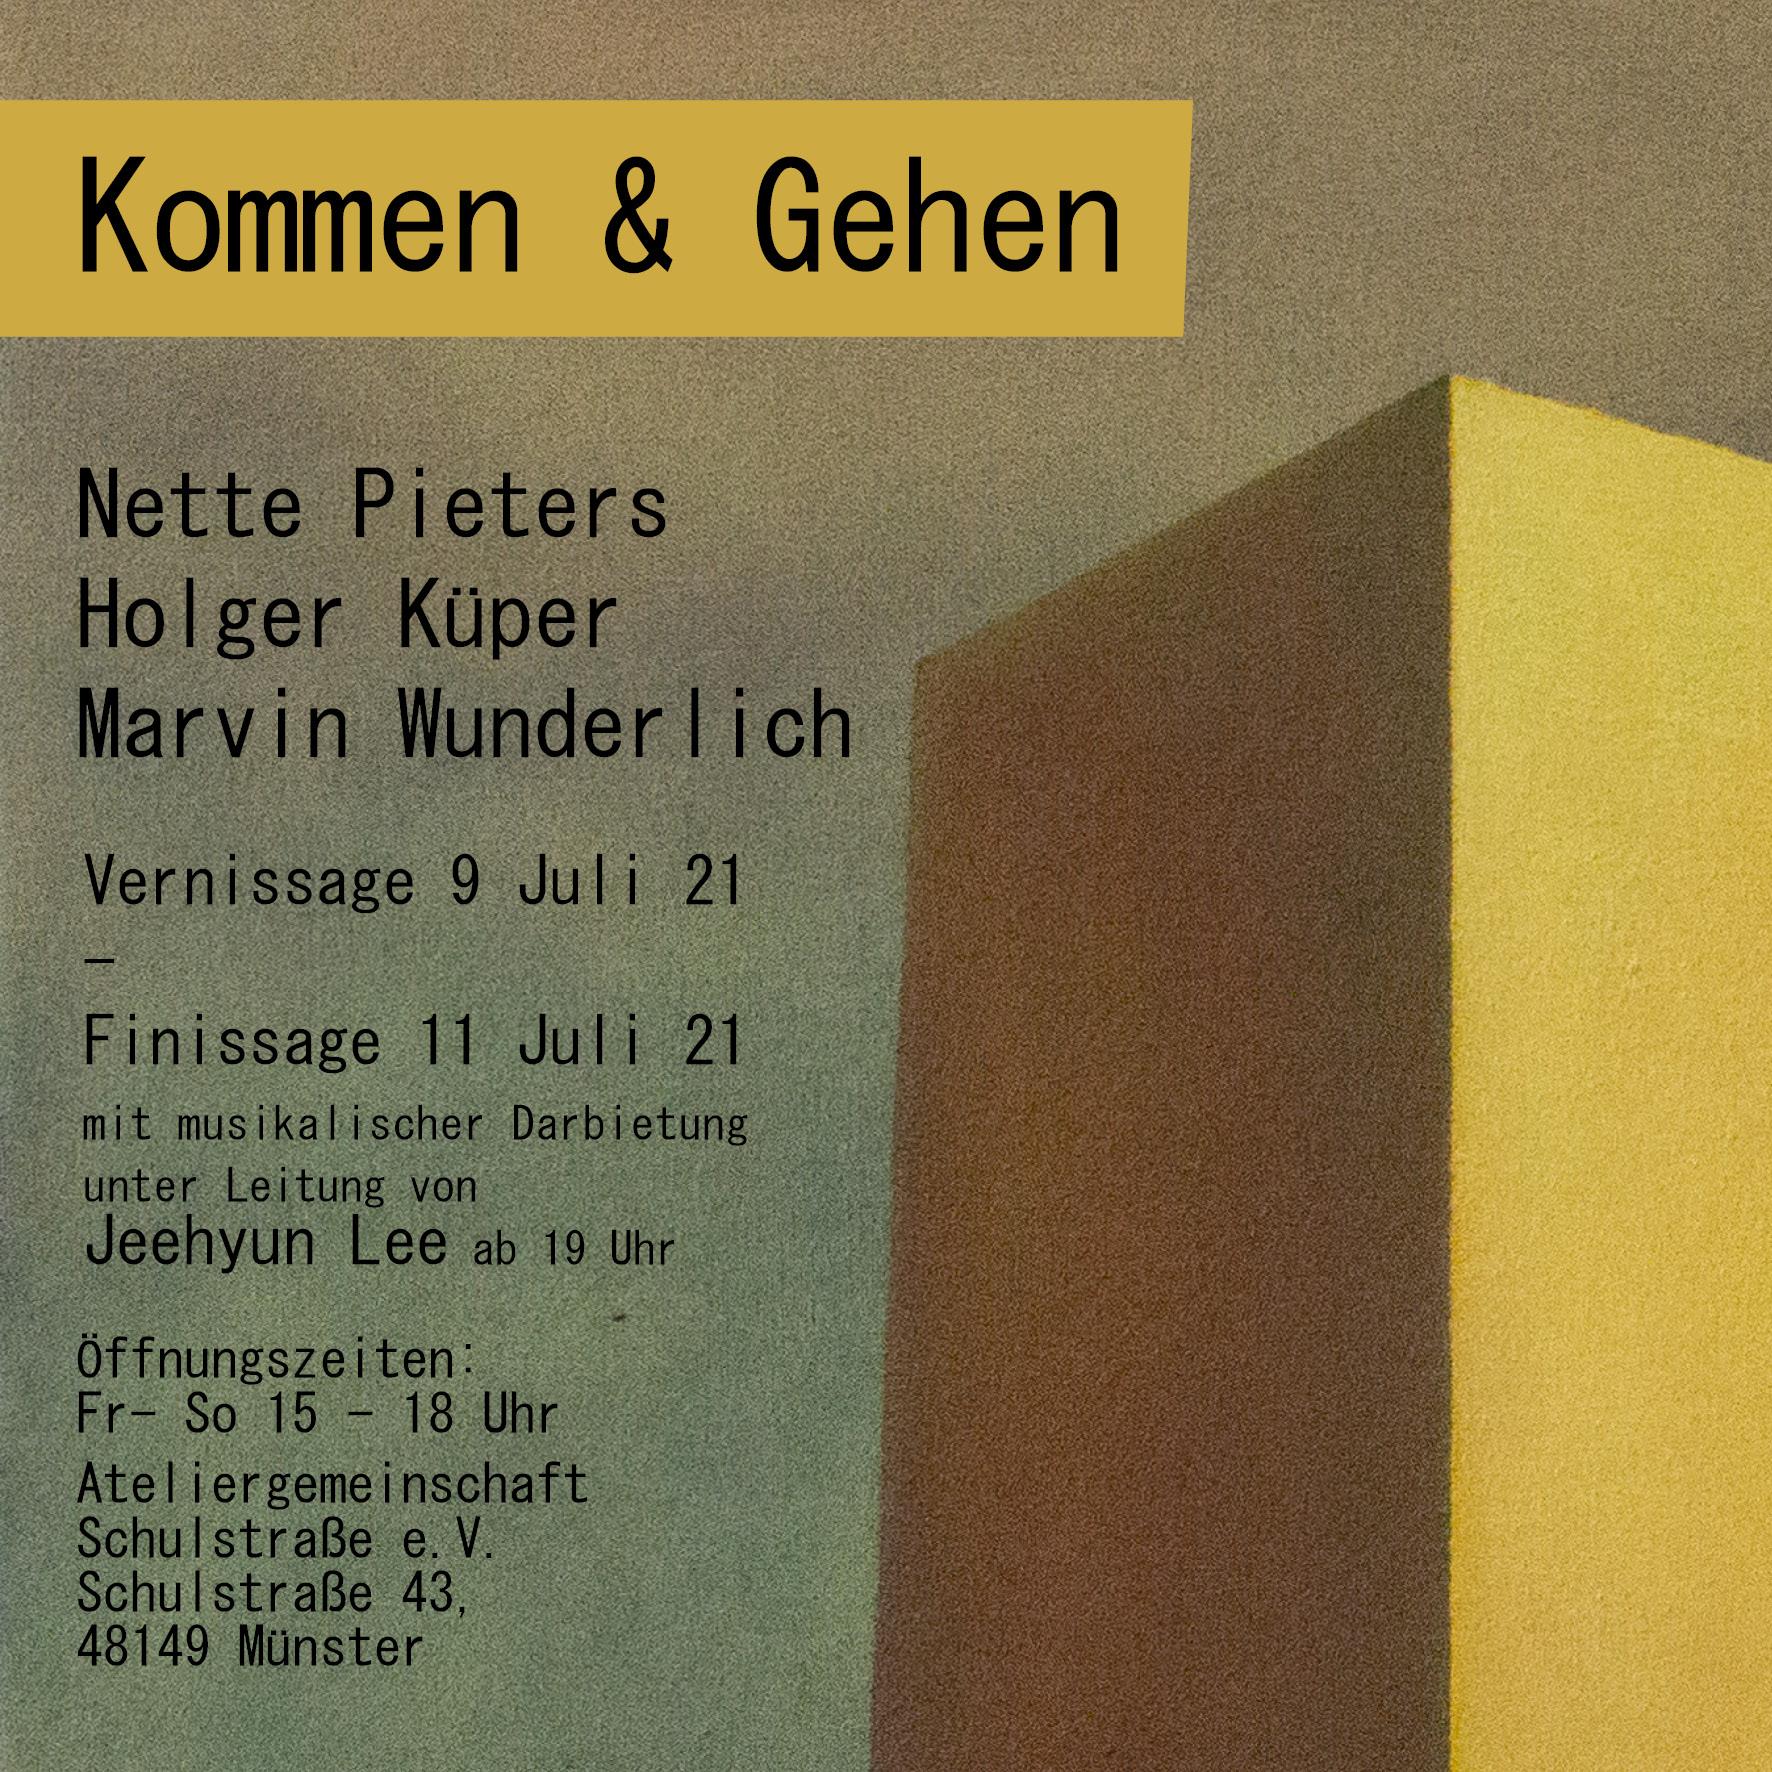 Eventbild für Nette Pieters, Holger Küper & Marvin Wunderlich /// Kommen & Gehen